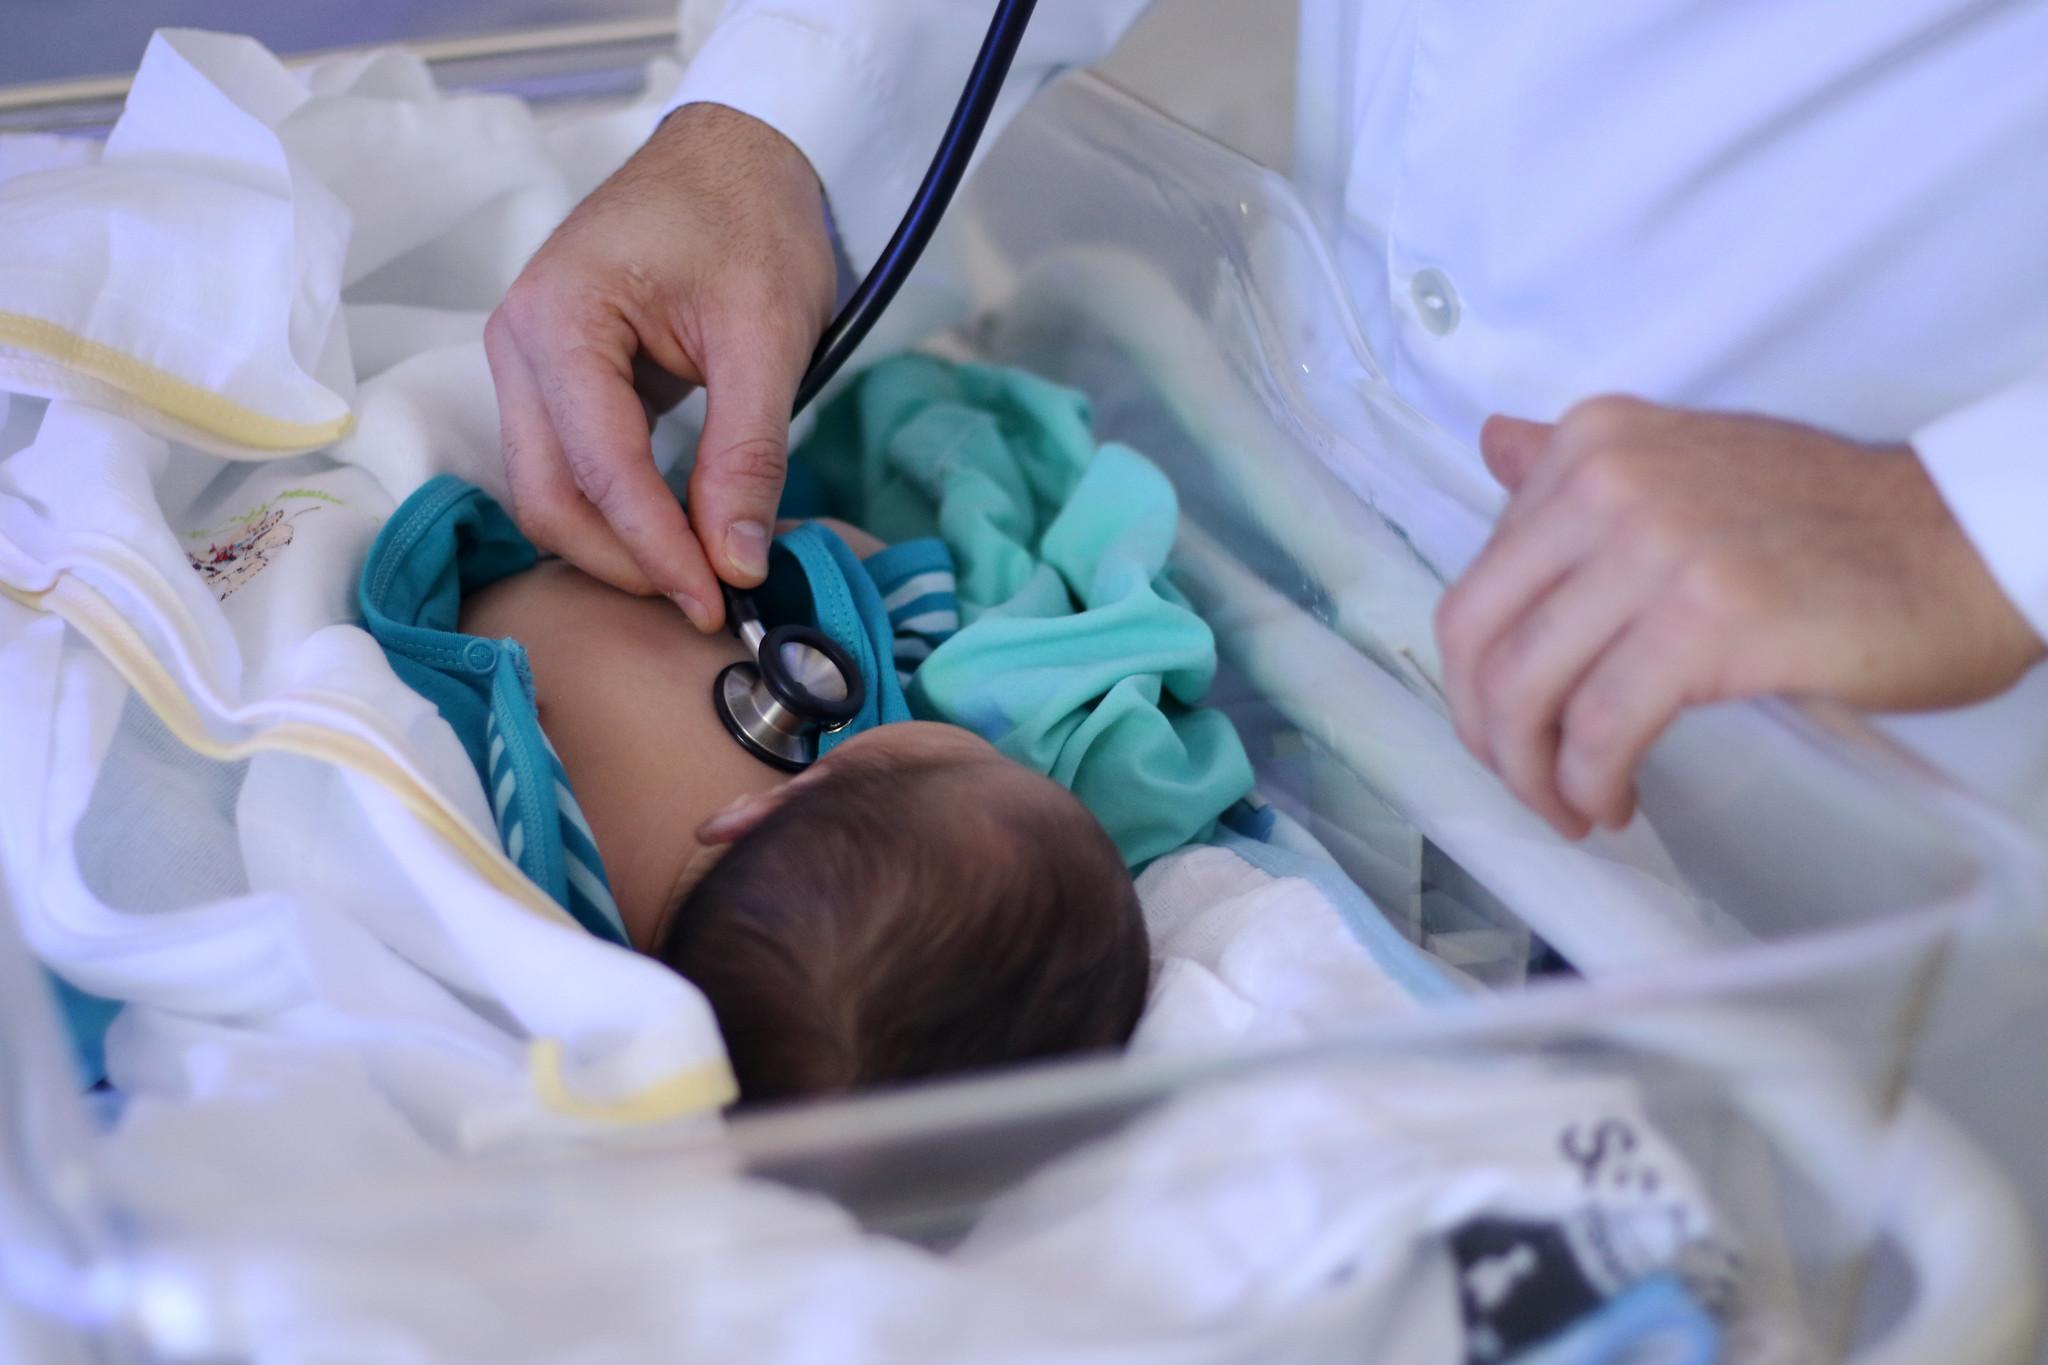 Bebê recém-nascido é atendido por médico